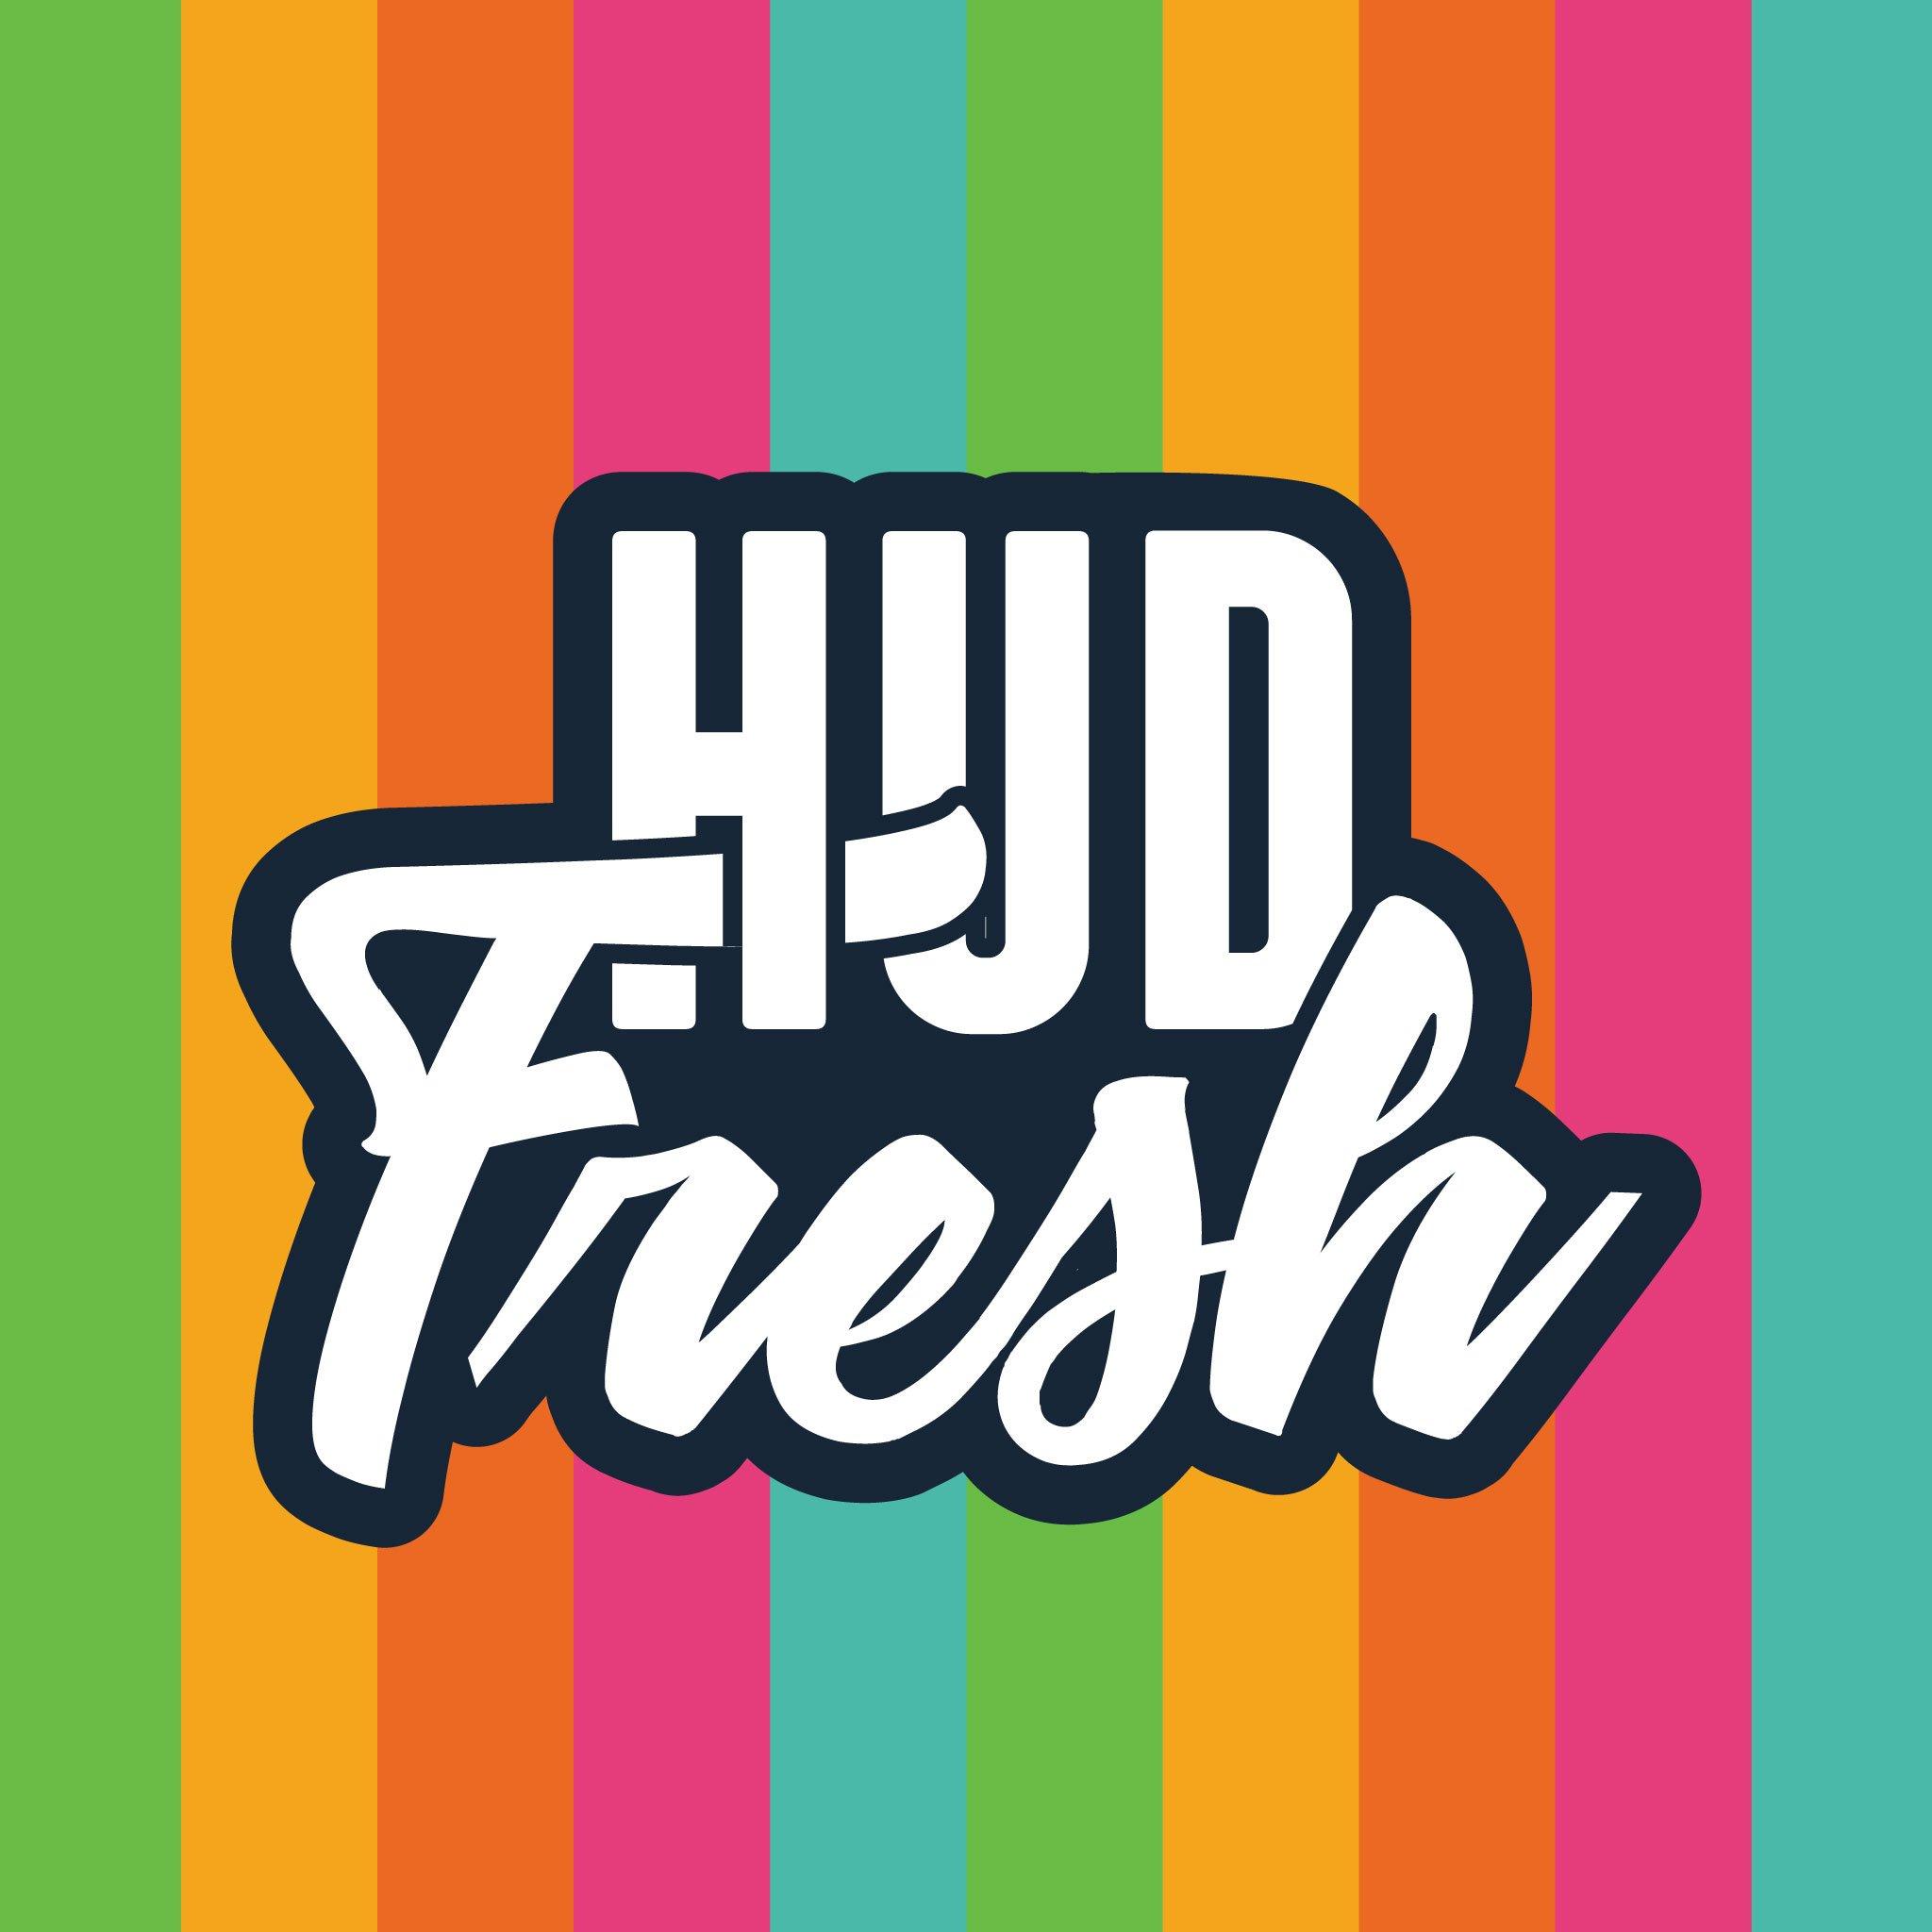 Hud Fresh